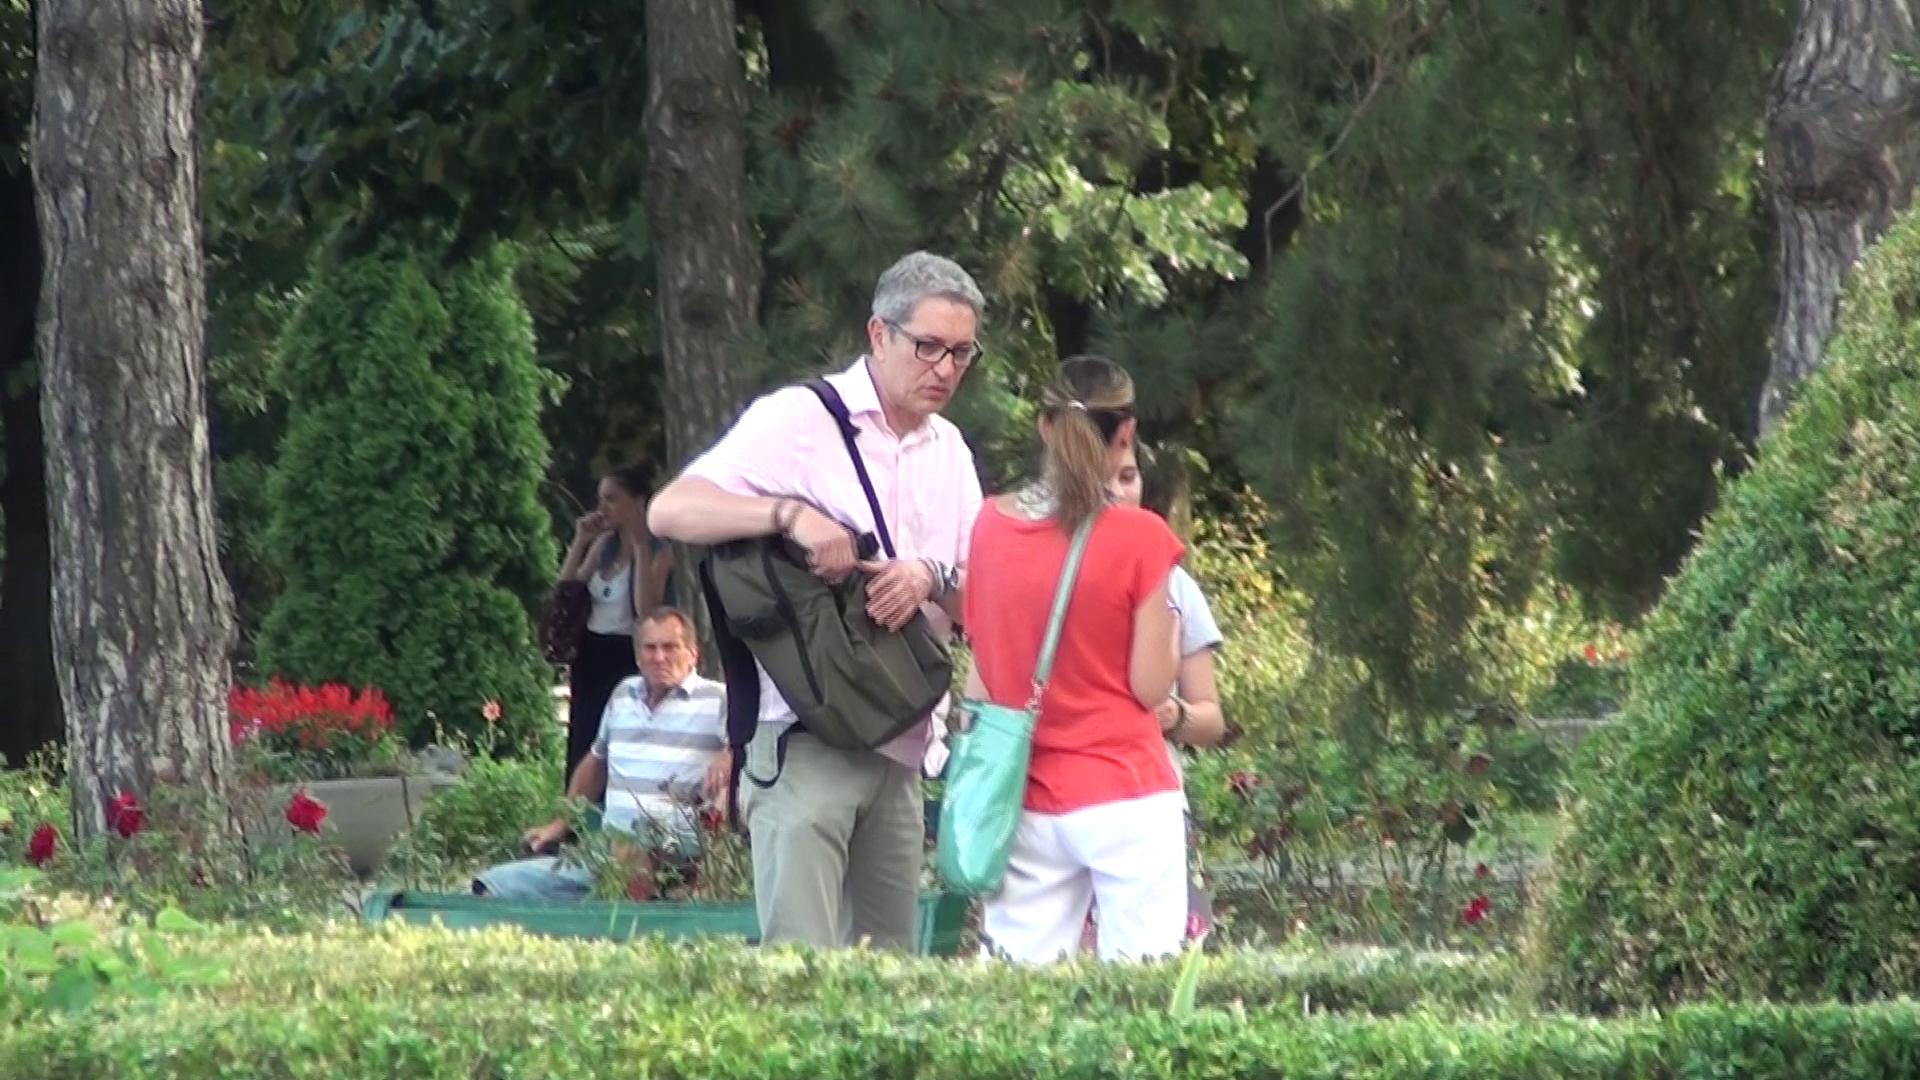 Zaharescu se intalneste cu o mamica in parc